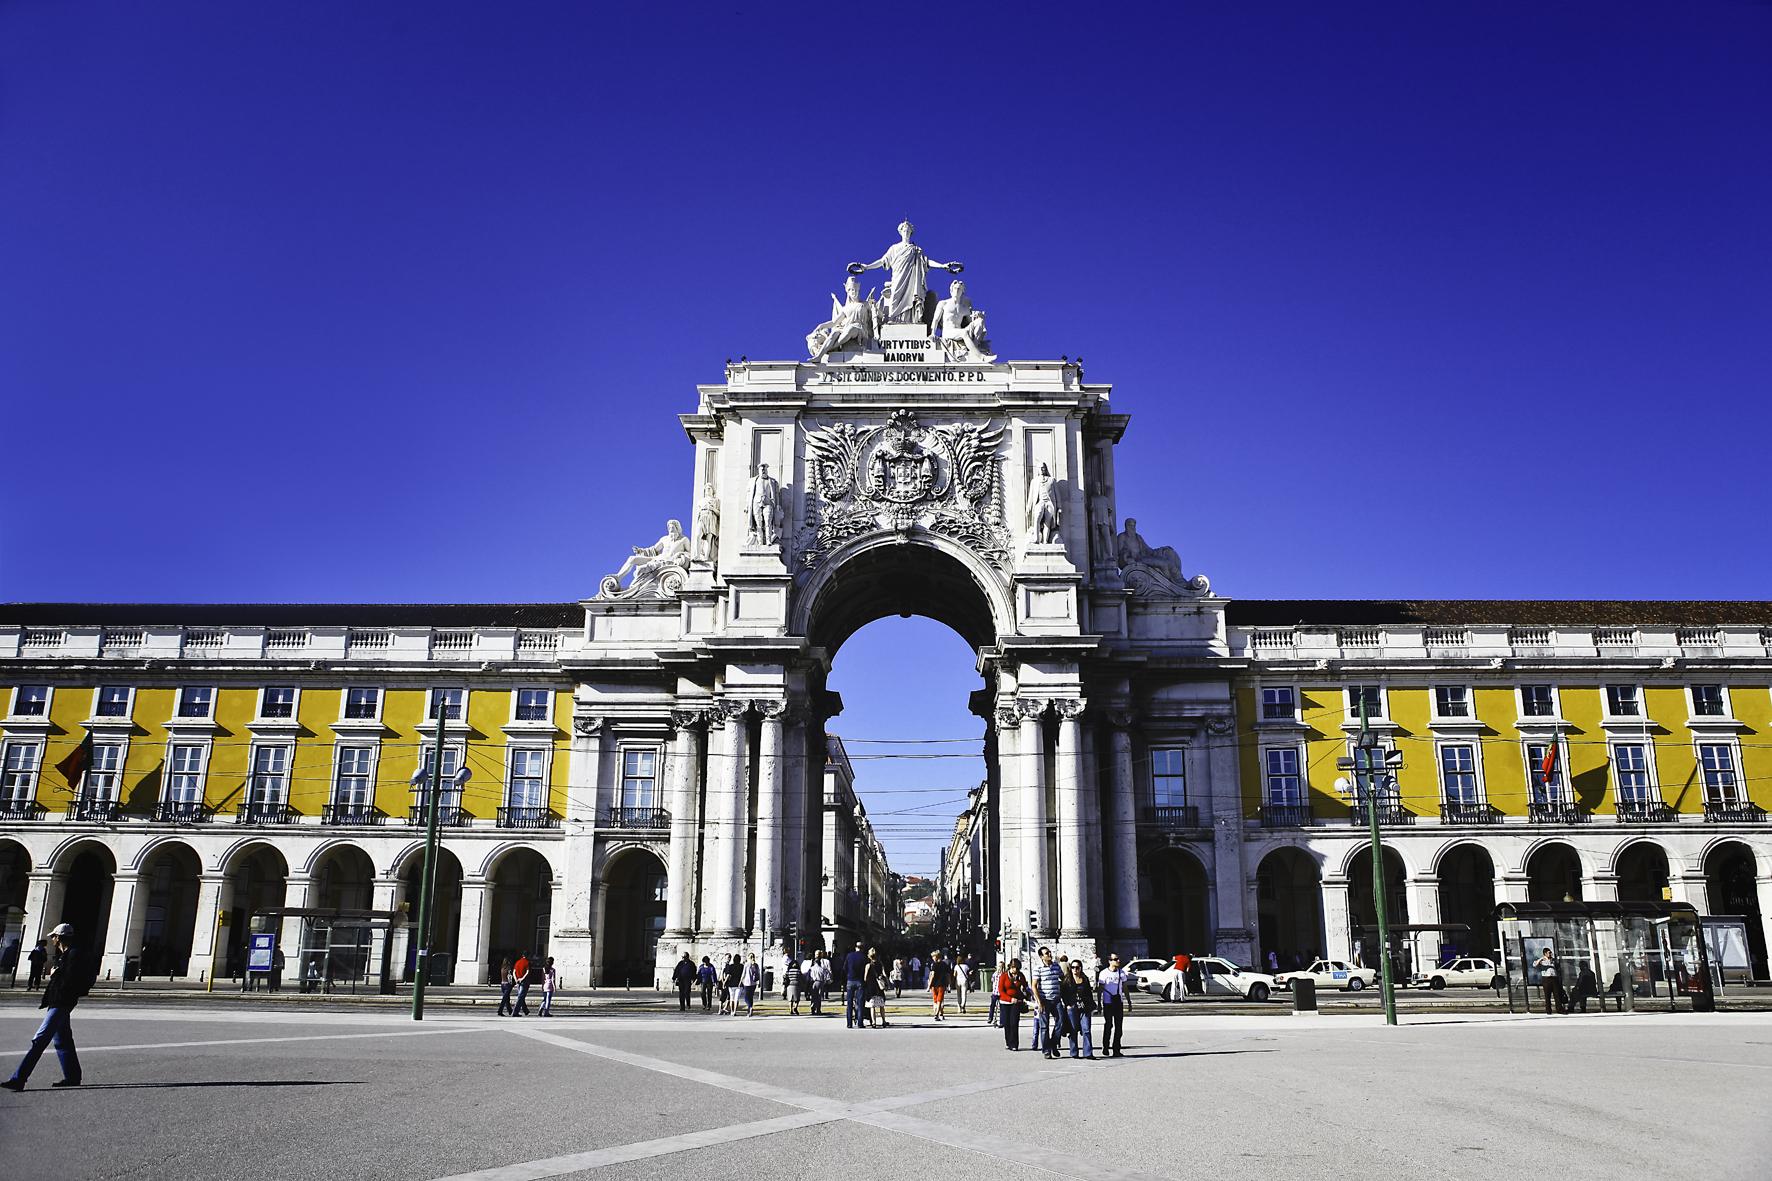 Praça do Comércio, no Centro de Lisboa, é um dos cartões postais da capital portuguesa